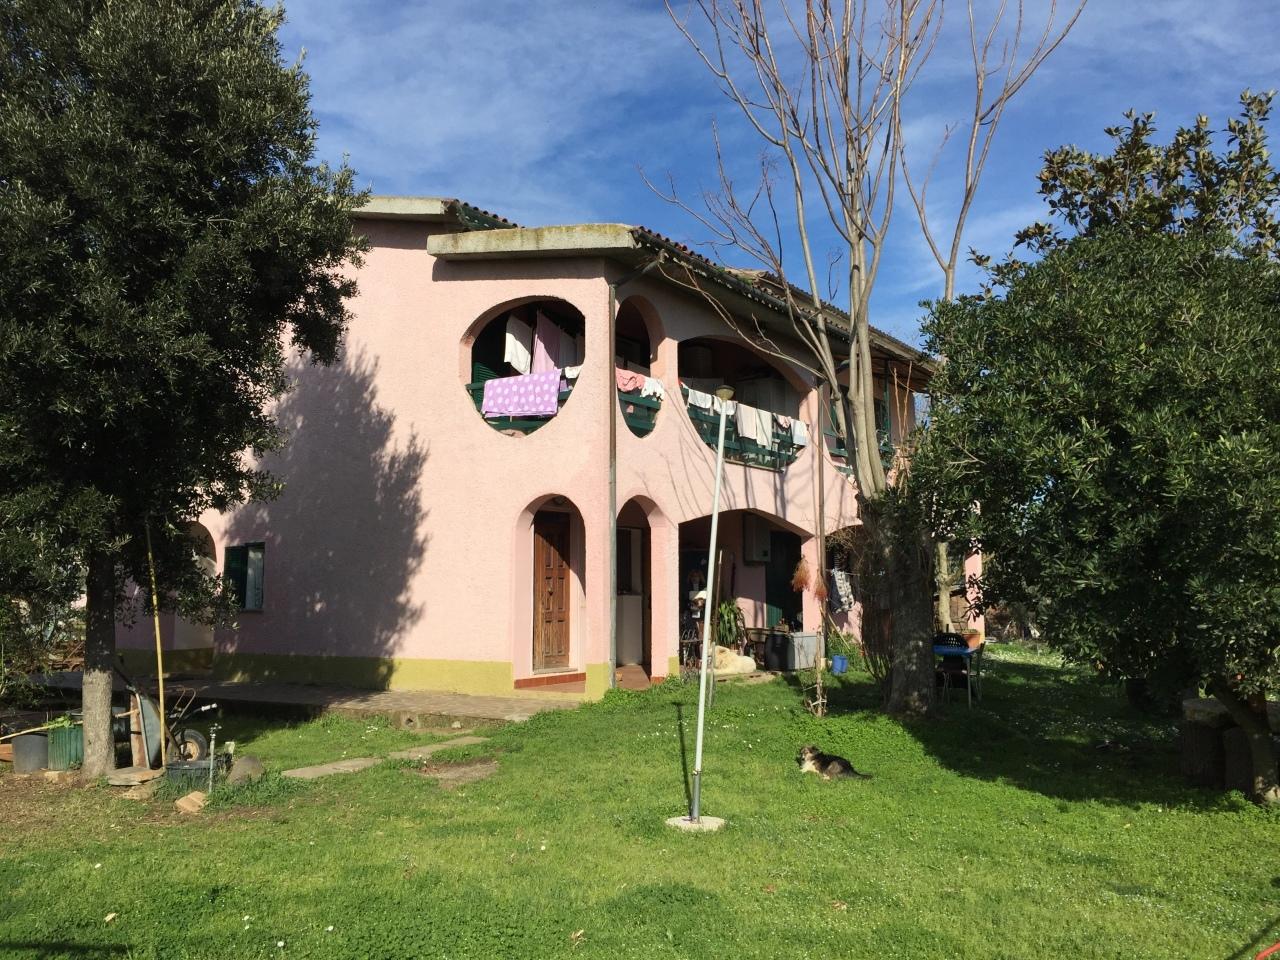 Rustico / Casale in vendita a Castiglione della Pescaia, 9999 locali, prezzo € 1.450.000   Cambio Casa.it